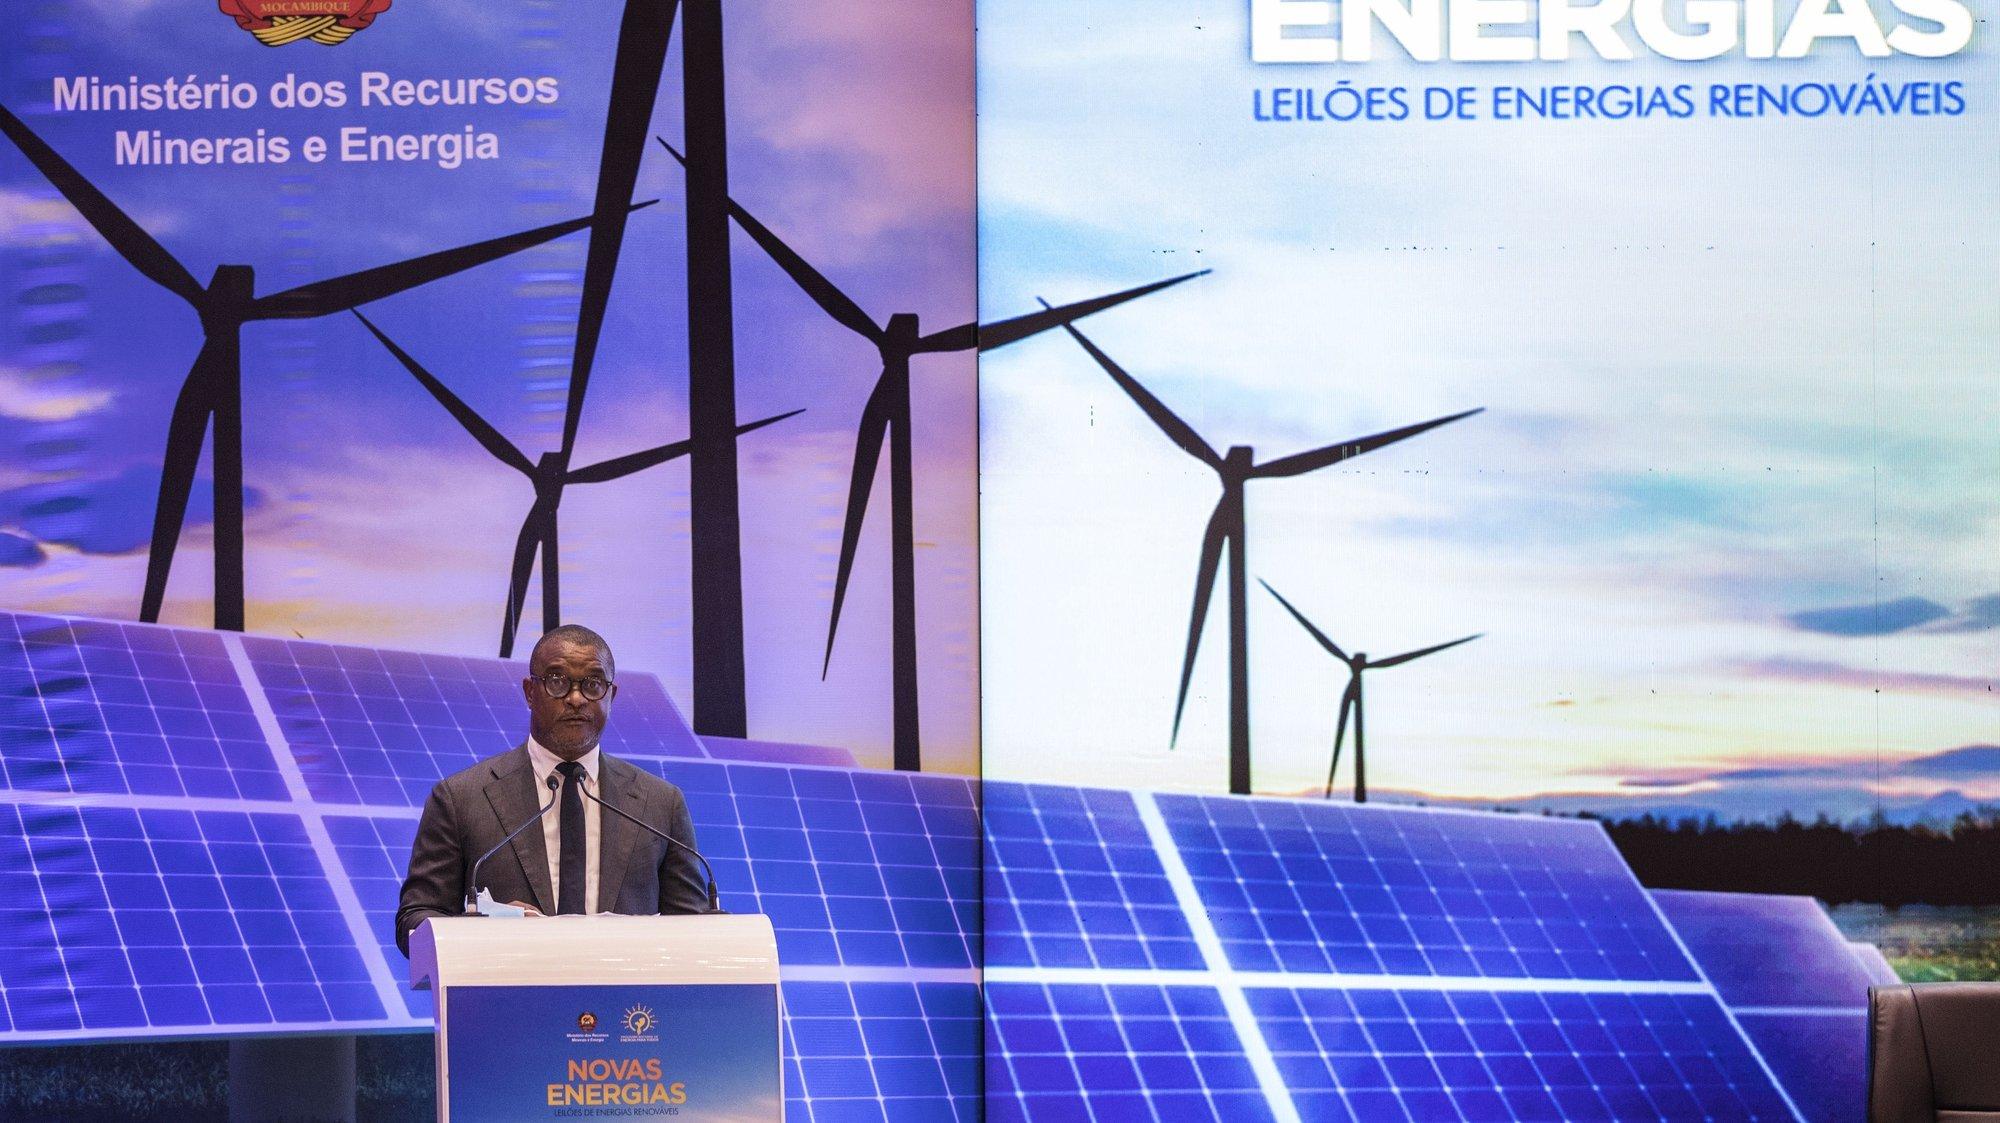 Max Tonela, ministro dos Recursos Minerais e Energia de Moçambique. discursa na cerimónia de lançamento do primeiro Leilão de Energias Renováveis em Maputo, Maçambique, 30 de setembro de 2020. O Programa de Promoção de Leilões para Energias Renováveis (PROLER) é implementado pela Agência Francesa de Desenvolvimento (AFD), em parceria com a empresa pública Eletricidade de Moçambique (EDM) e conta com o co-financiamento da União Europeia. RICARDO FRANCO/ LUSA